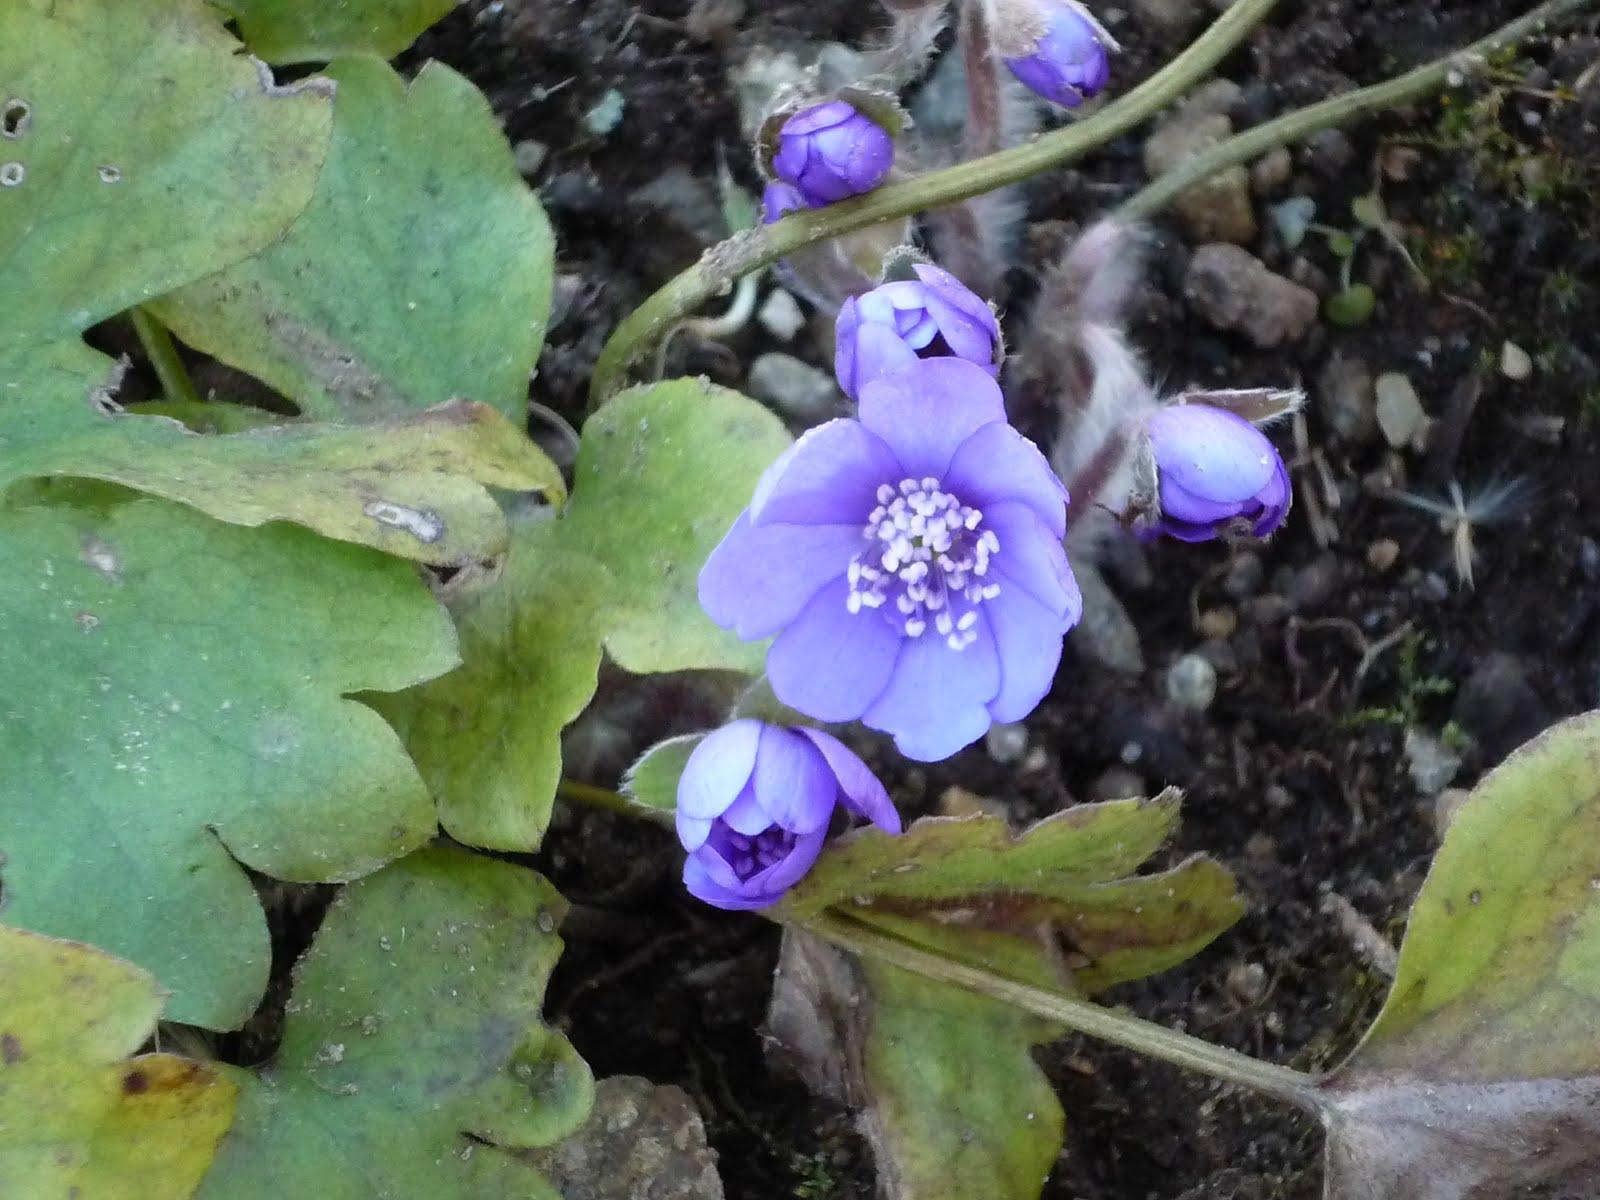 Trädgårdslivet på lindön: krokusar och blåa sippor!!!!